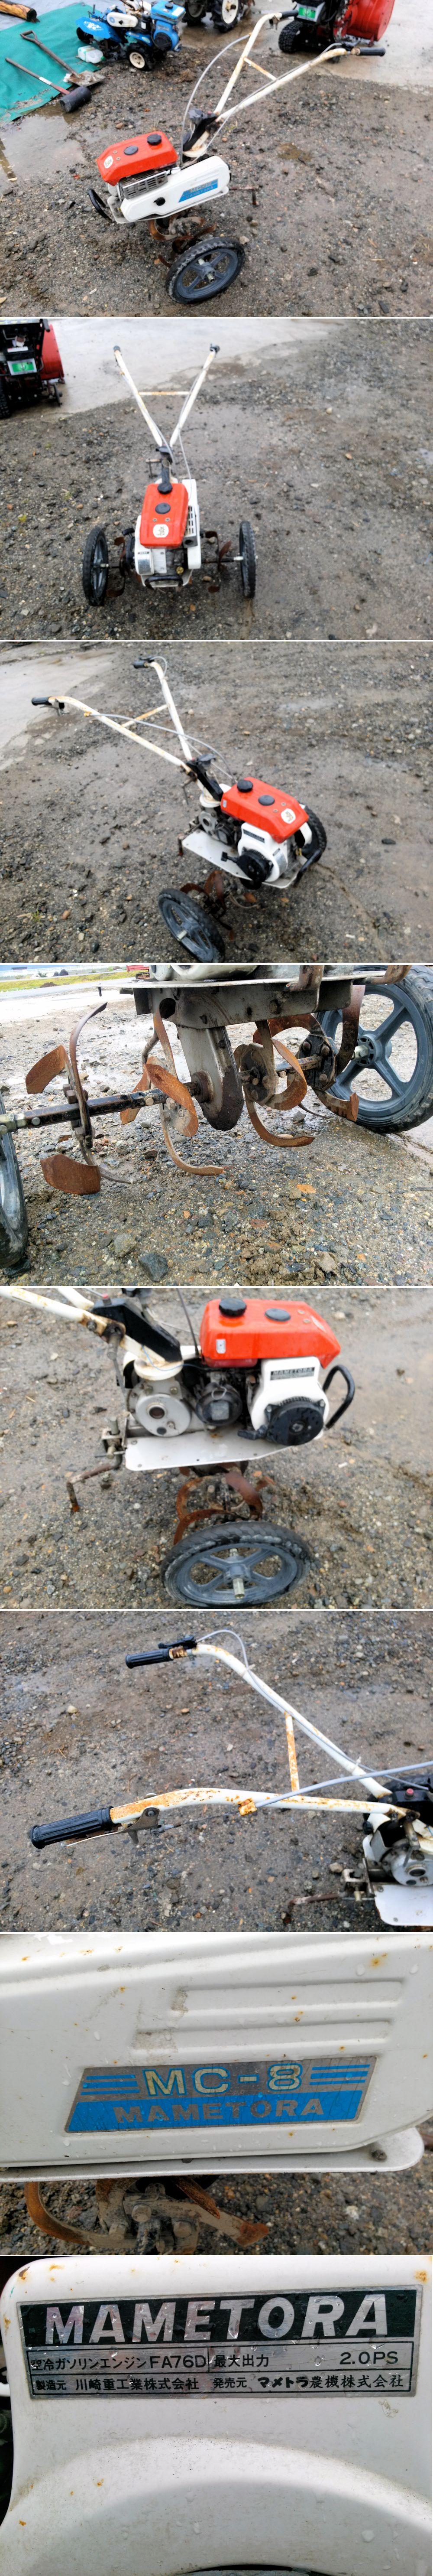 マメトラ ミニ耕運機 管理機 ティラー MC-8 2馬力 整備 実働 中古 車輪付